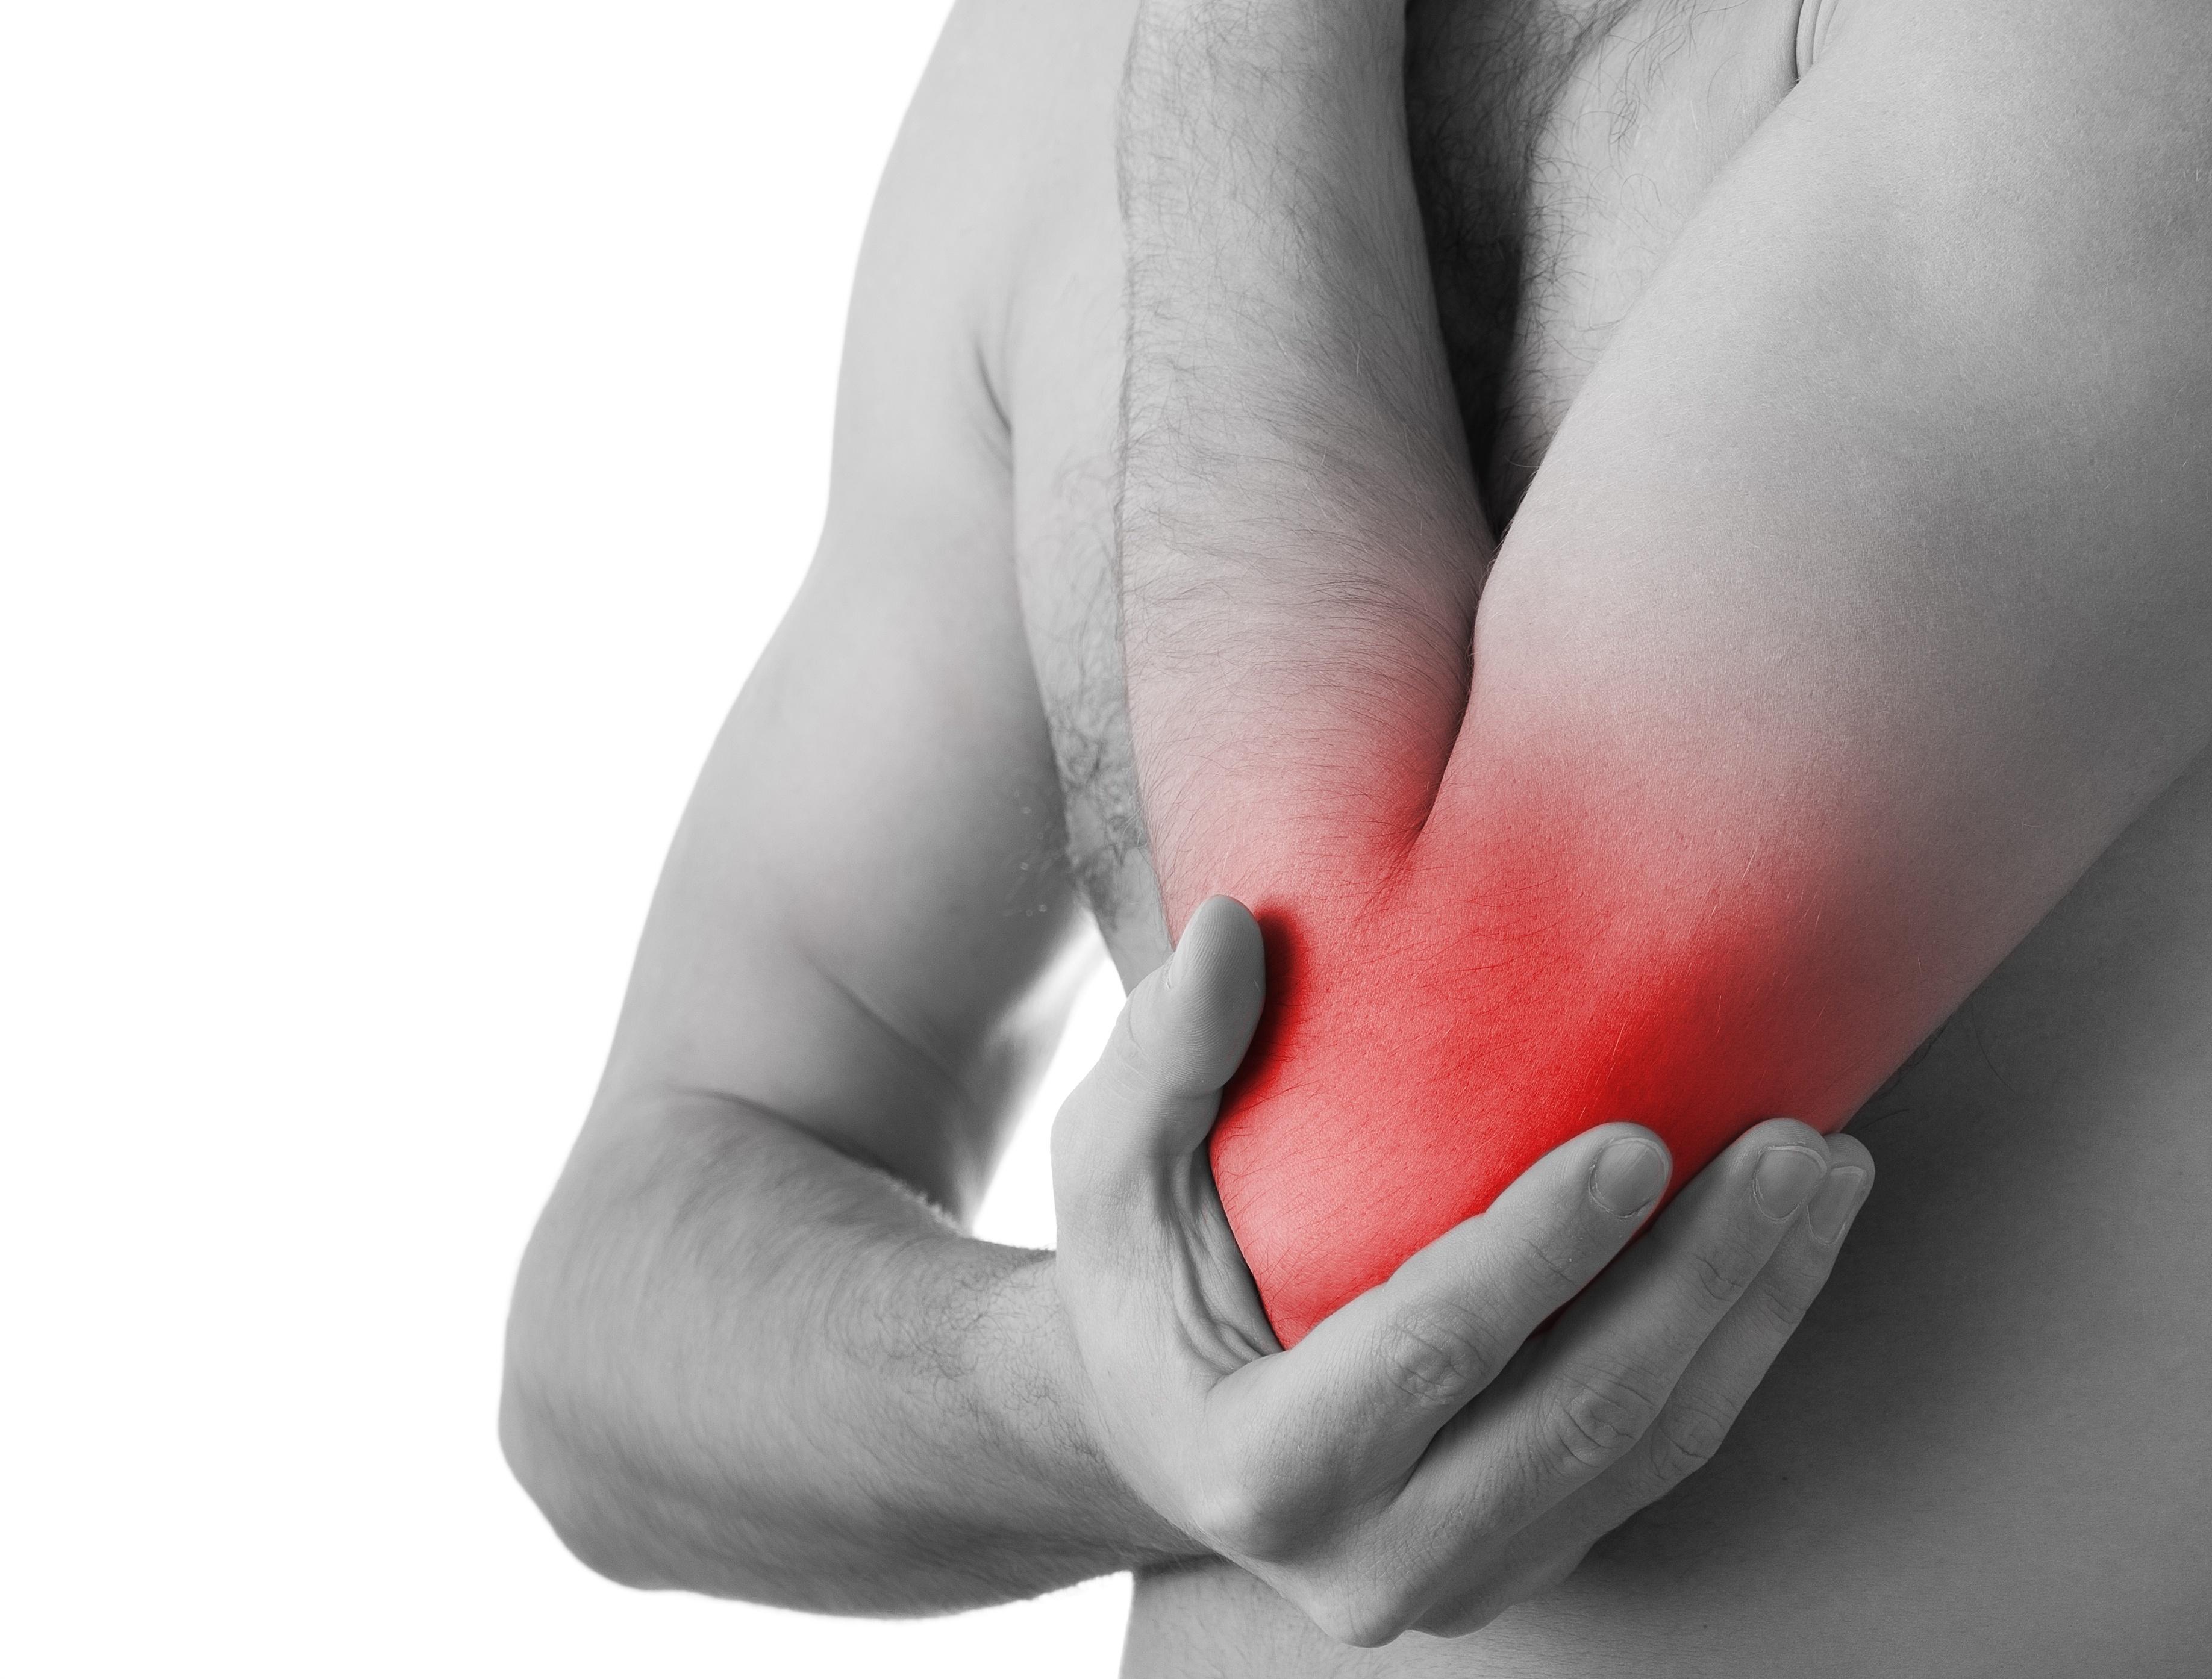 ahol a térdízületek ízületi gyulladását kezelik térdfájdalom az edzésből